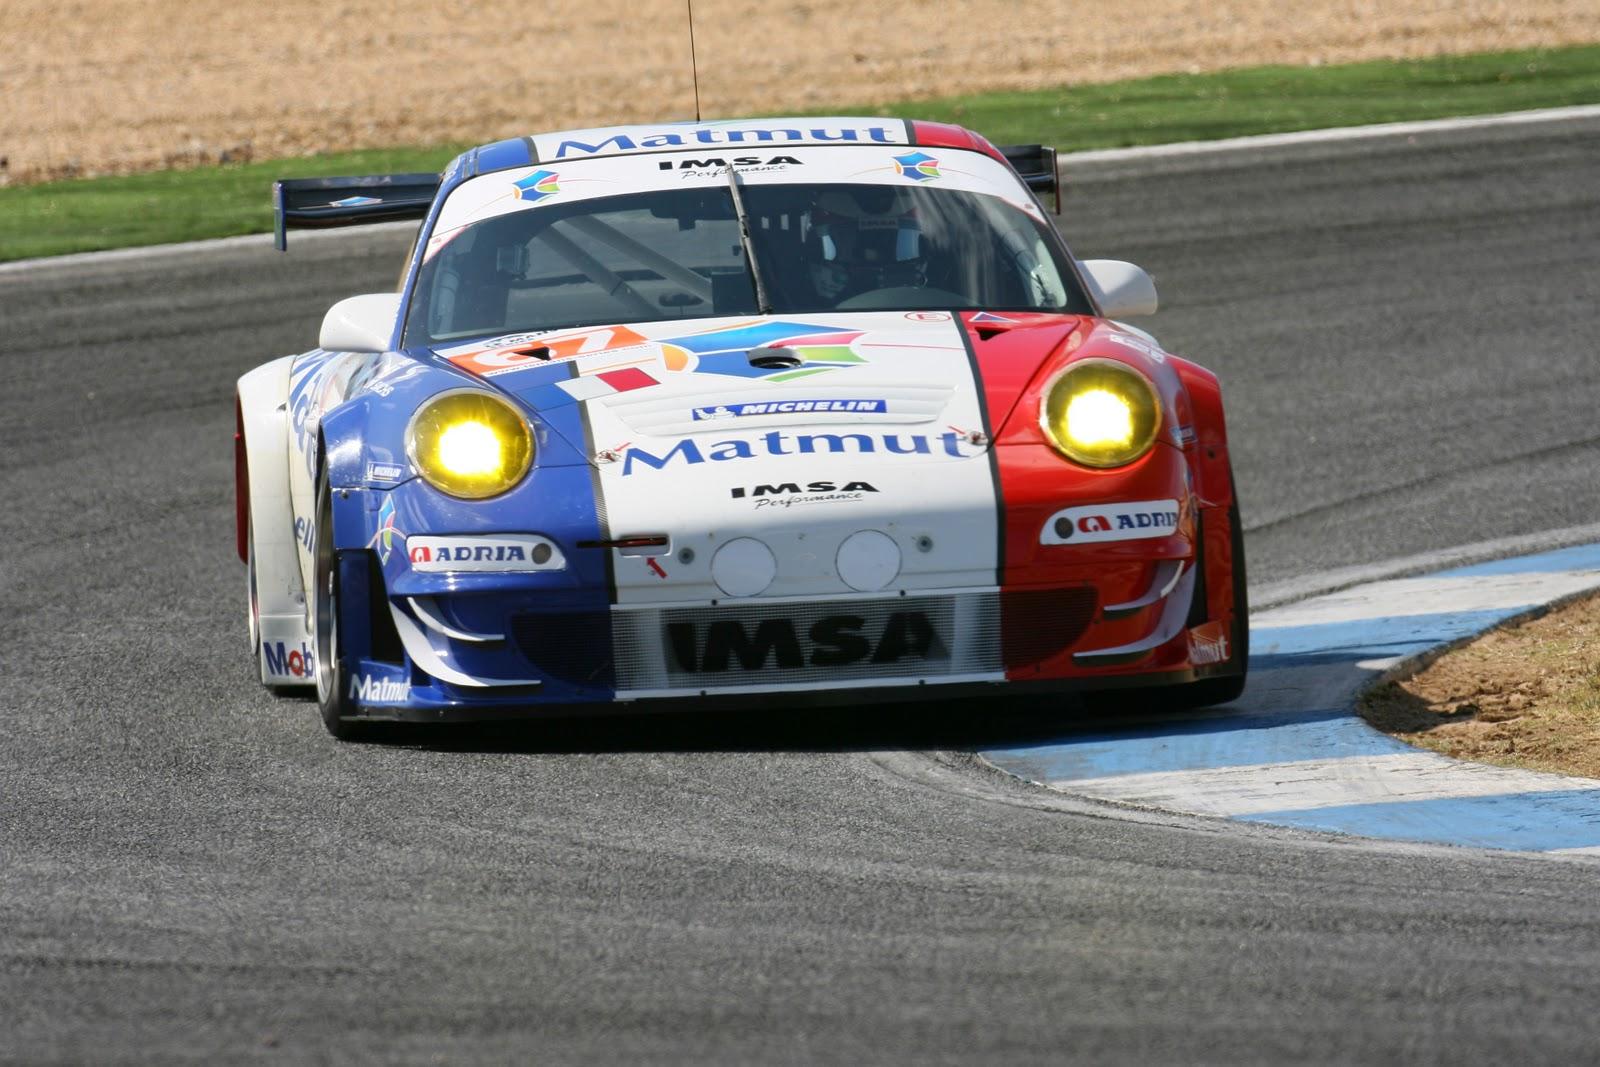 Porsche 76 Imsa Le Mans 2013